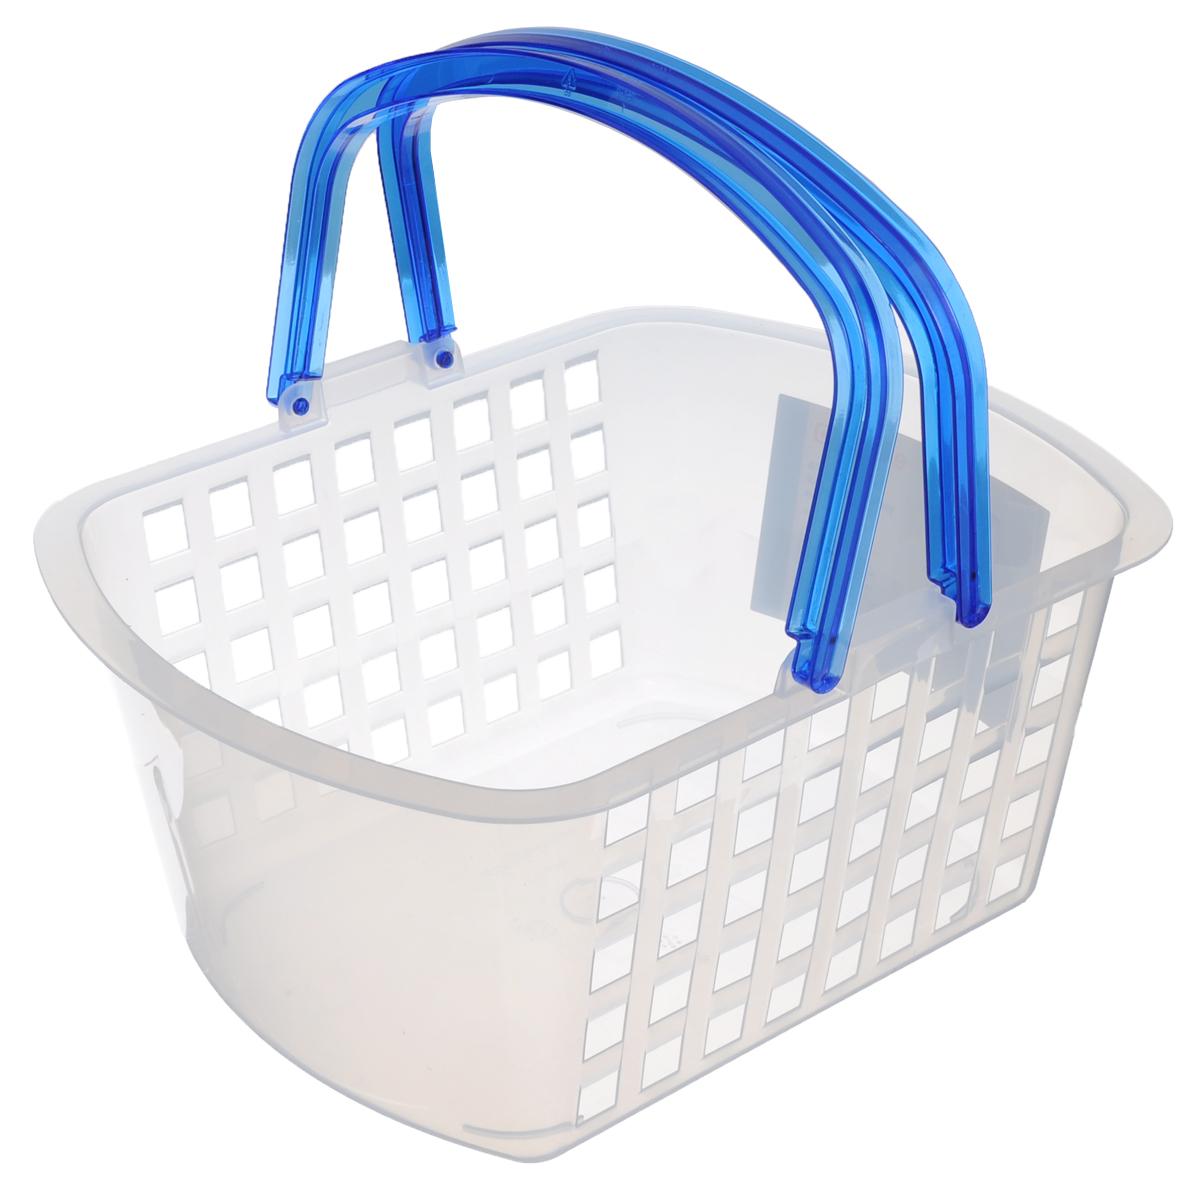 Корзинка универсальная Econova, цвет: прозрачный, синий, 31 см х 24 см х 15 см193415_белый, ручки синиеУниверсальная корзина Econova, изготовленная из высококачественного прочного пластика, предназначена для хранения мелочей в ванной, на кухне, даче или гараже. Изделие оснащено двумя удобными складными ручками. Это легкая корзина со сплошным дном, жесткой кромкой и небольшими отверстиями позволяет хранить мелкие вещи, исключая возможность их потери.